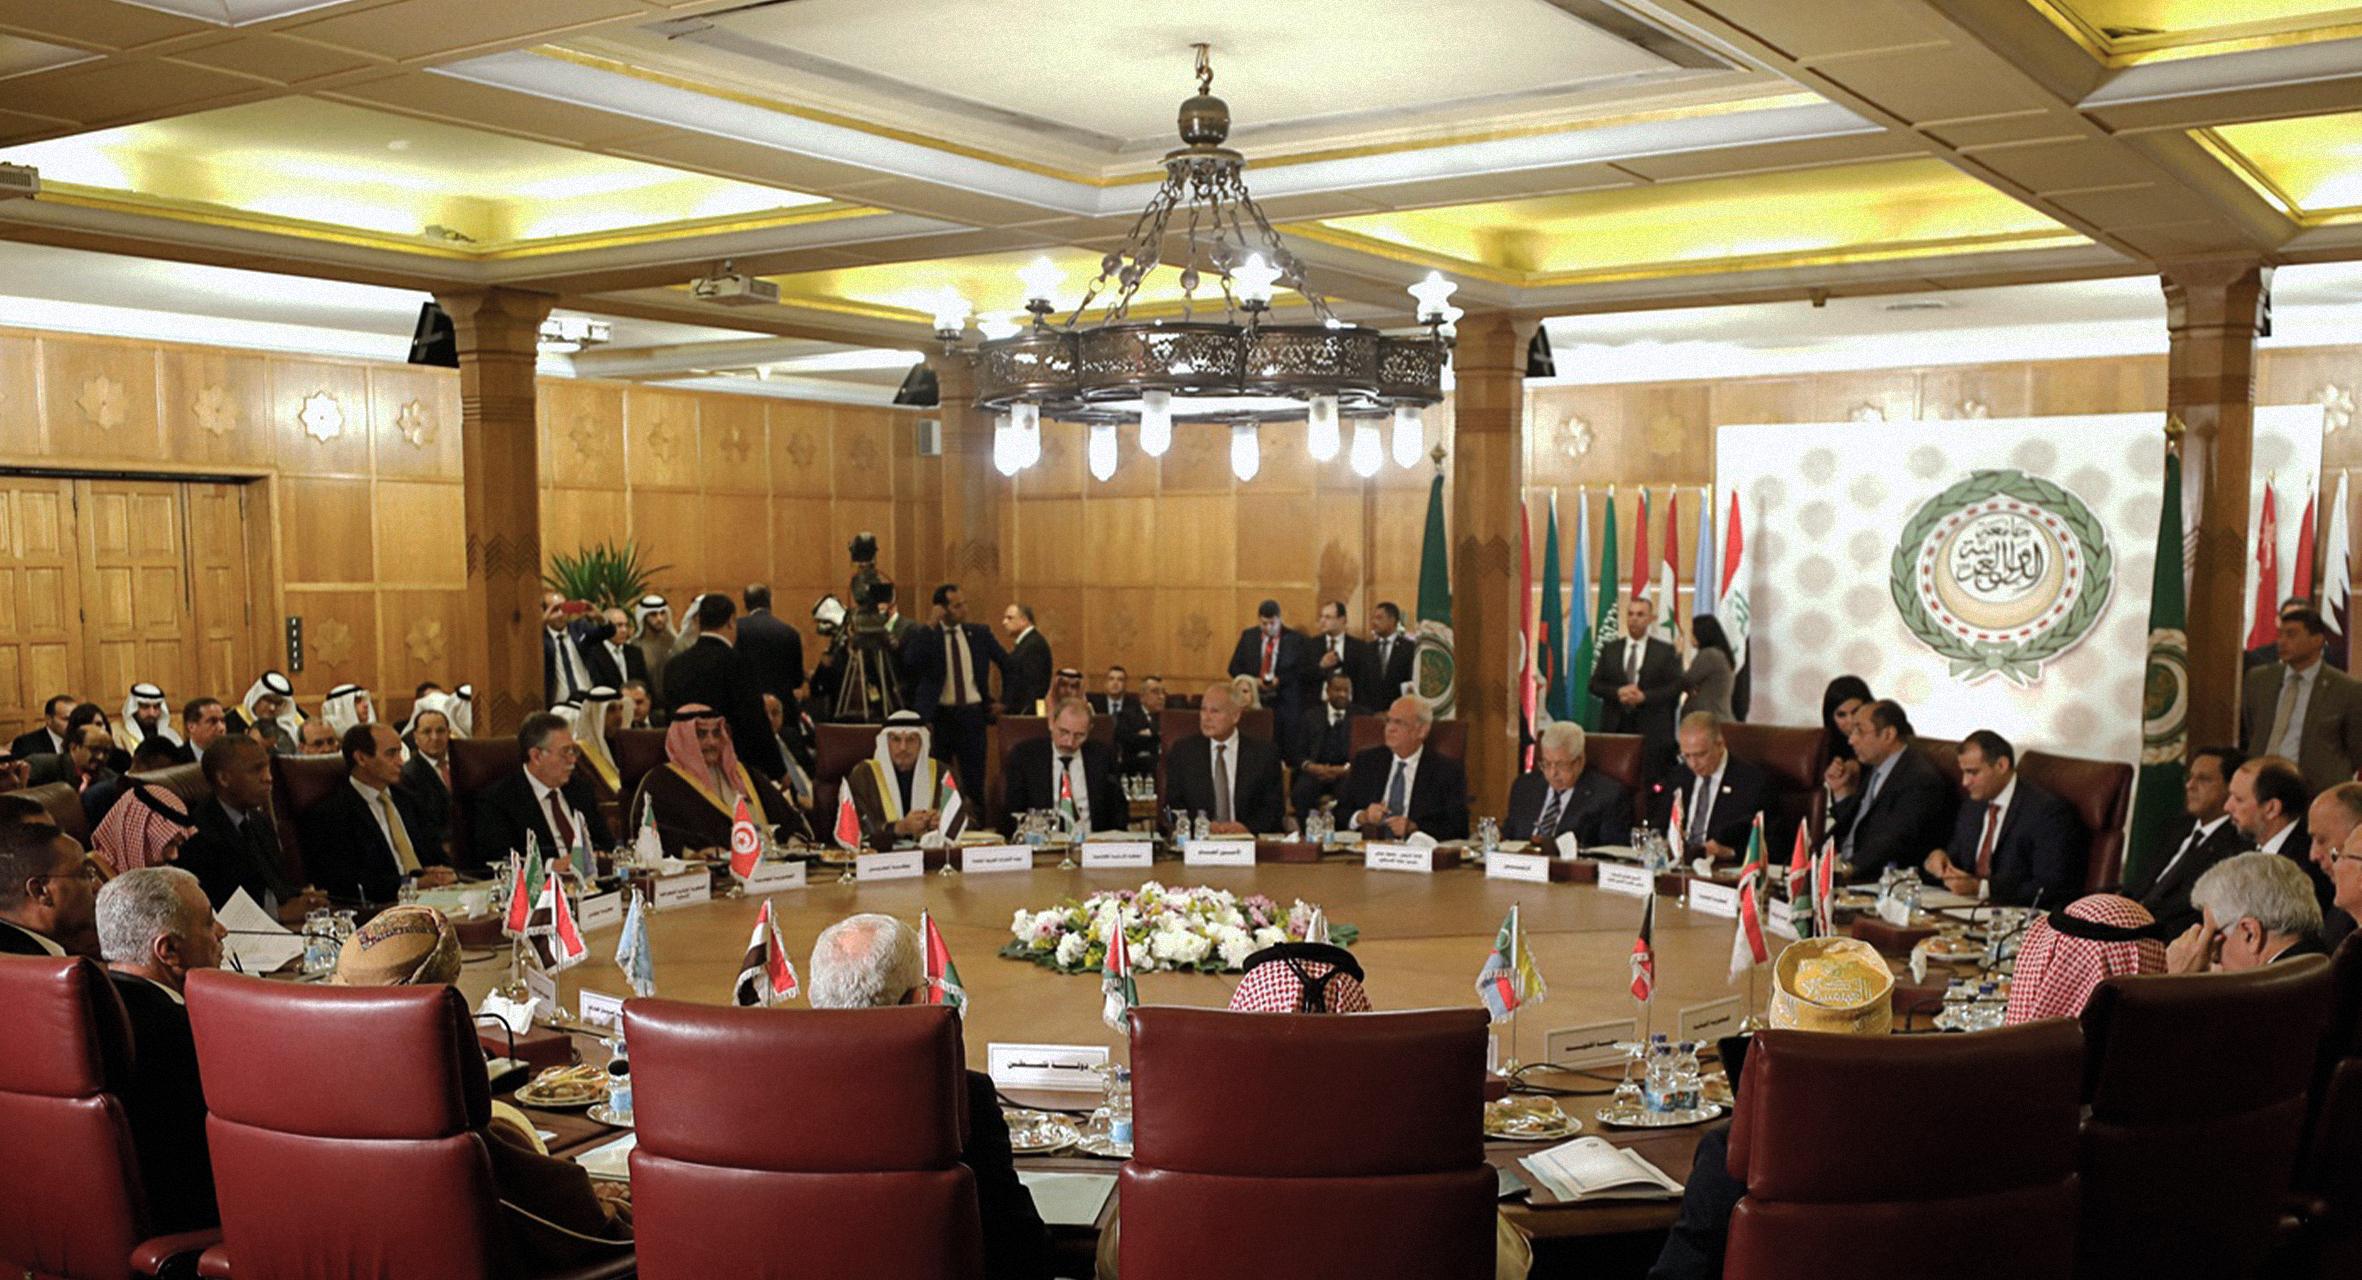 صورة دليل الحدود للقادة العرب: كيف تقنع شعبك بأنك ضد صفقة القرن وأنت موافق عليها